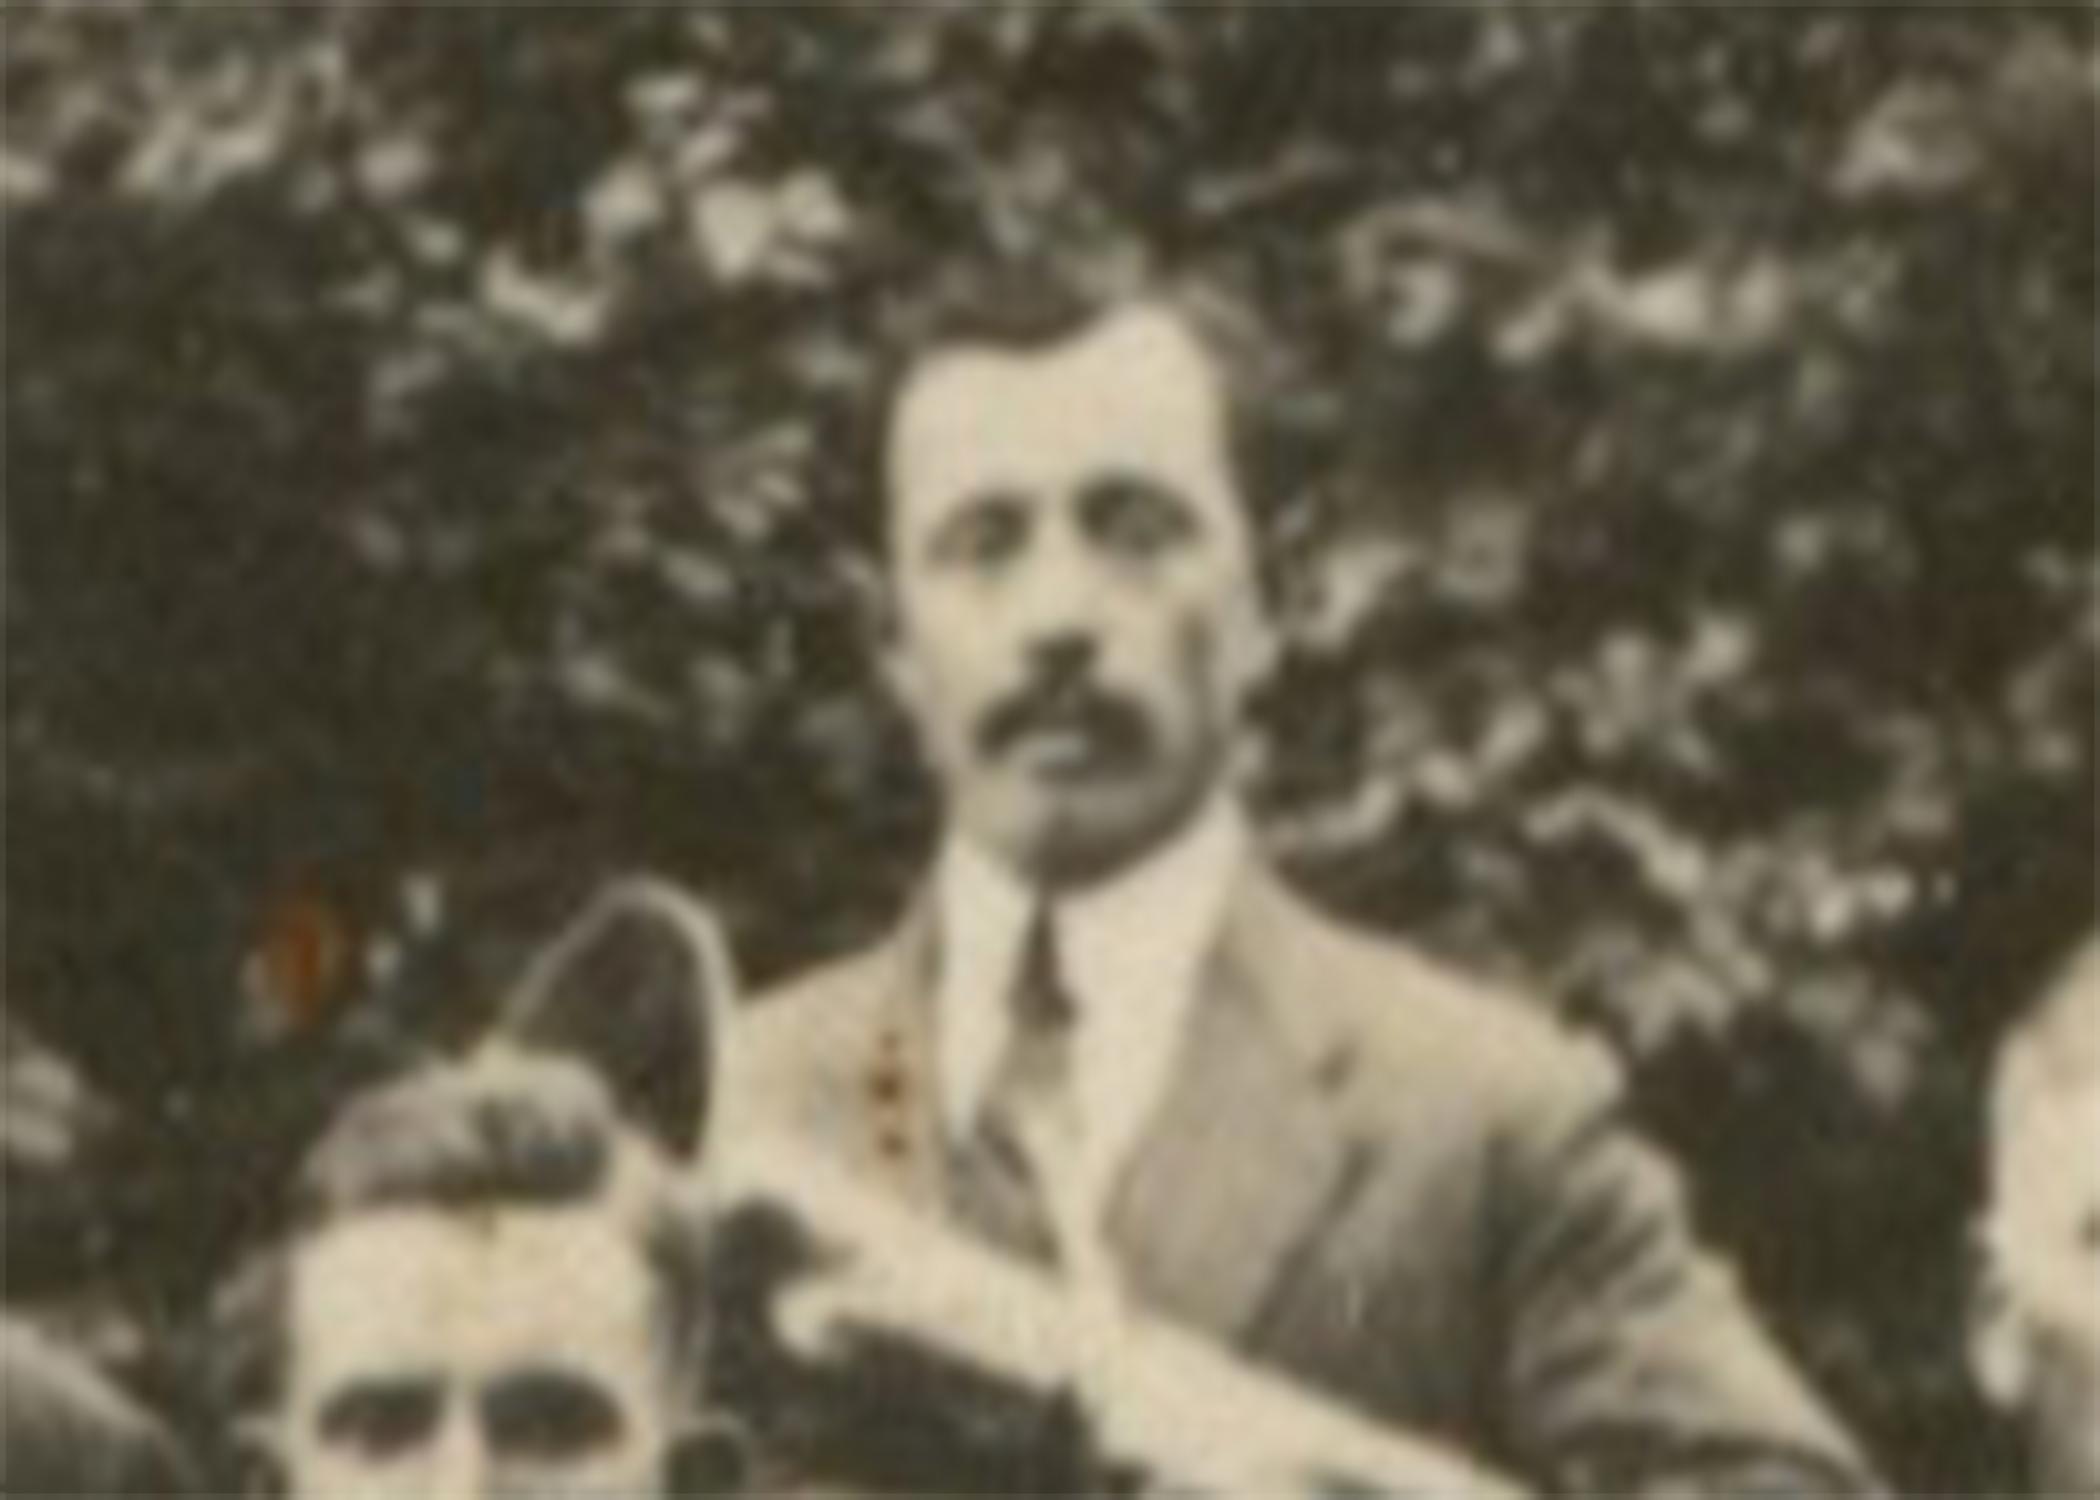 Marinus van Doorn en de Lithse fanfare.